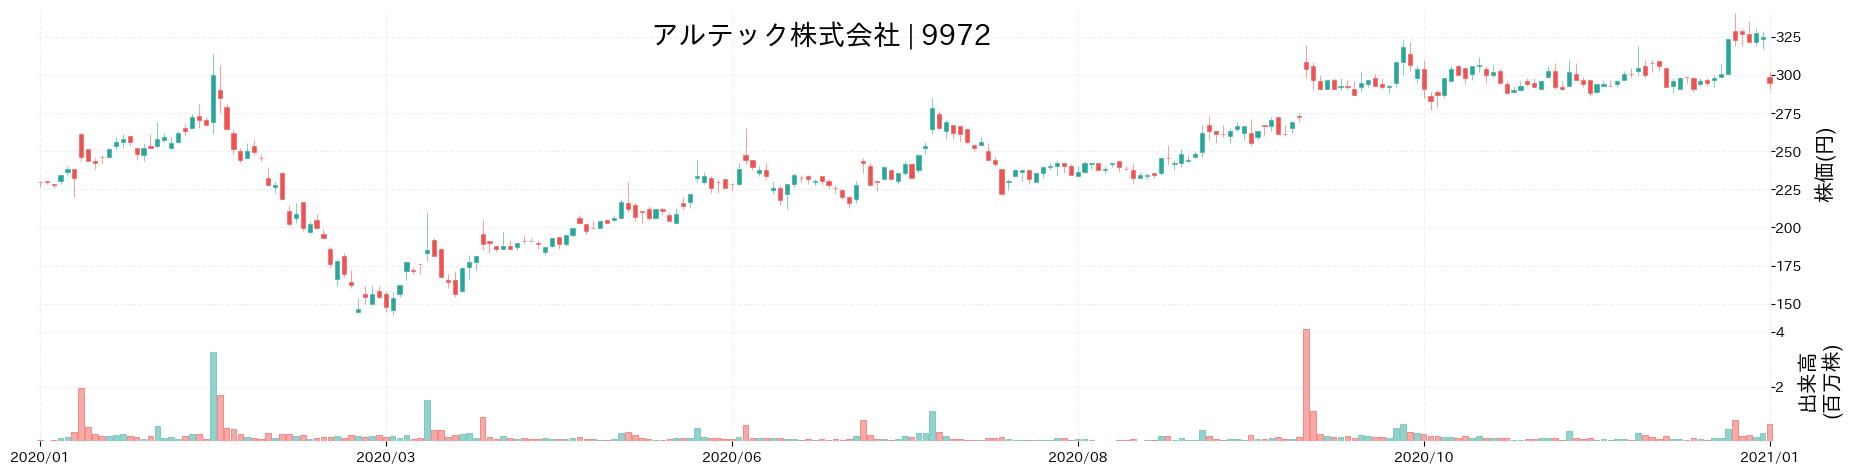 アルテック株式会社の株価推移(2020)